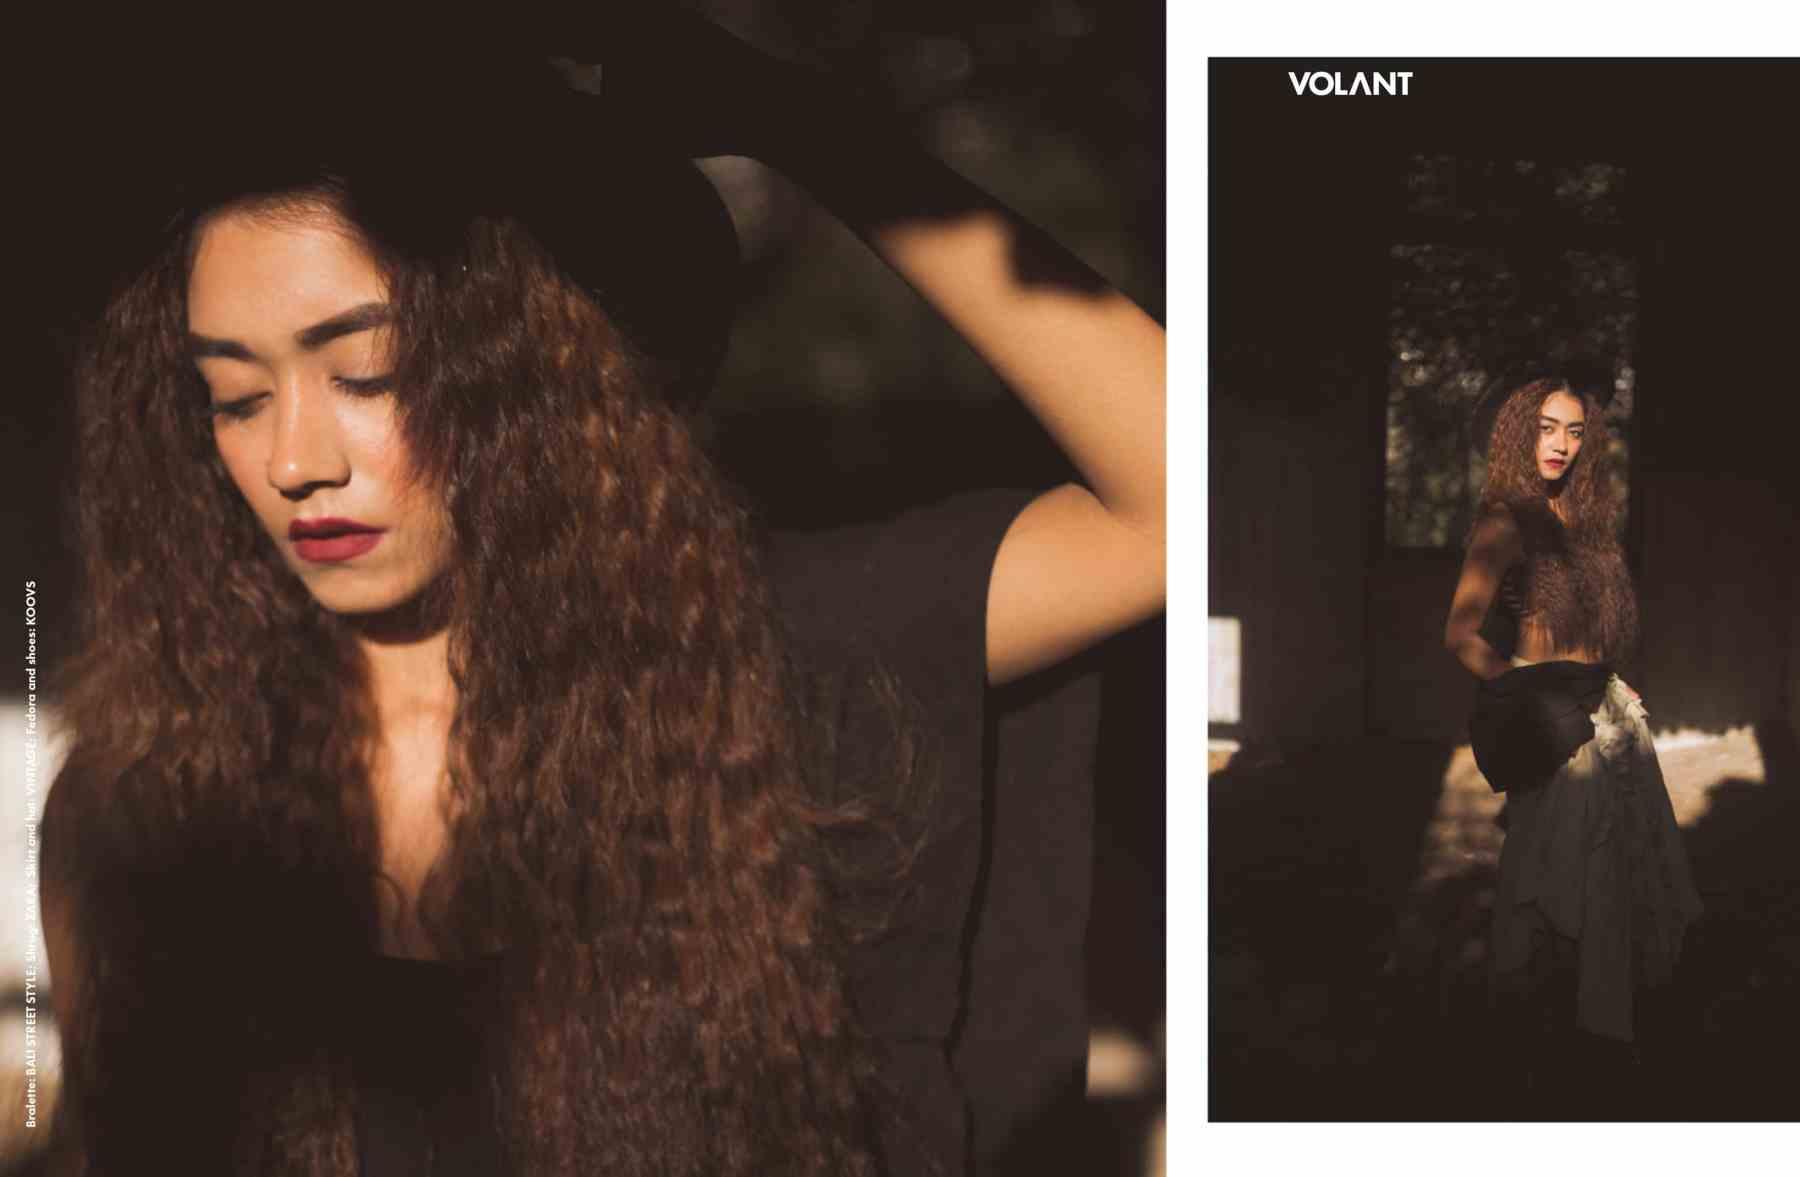 volant-webitorial-todayiwillletthepicturestalk2